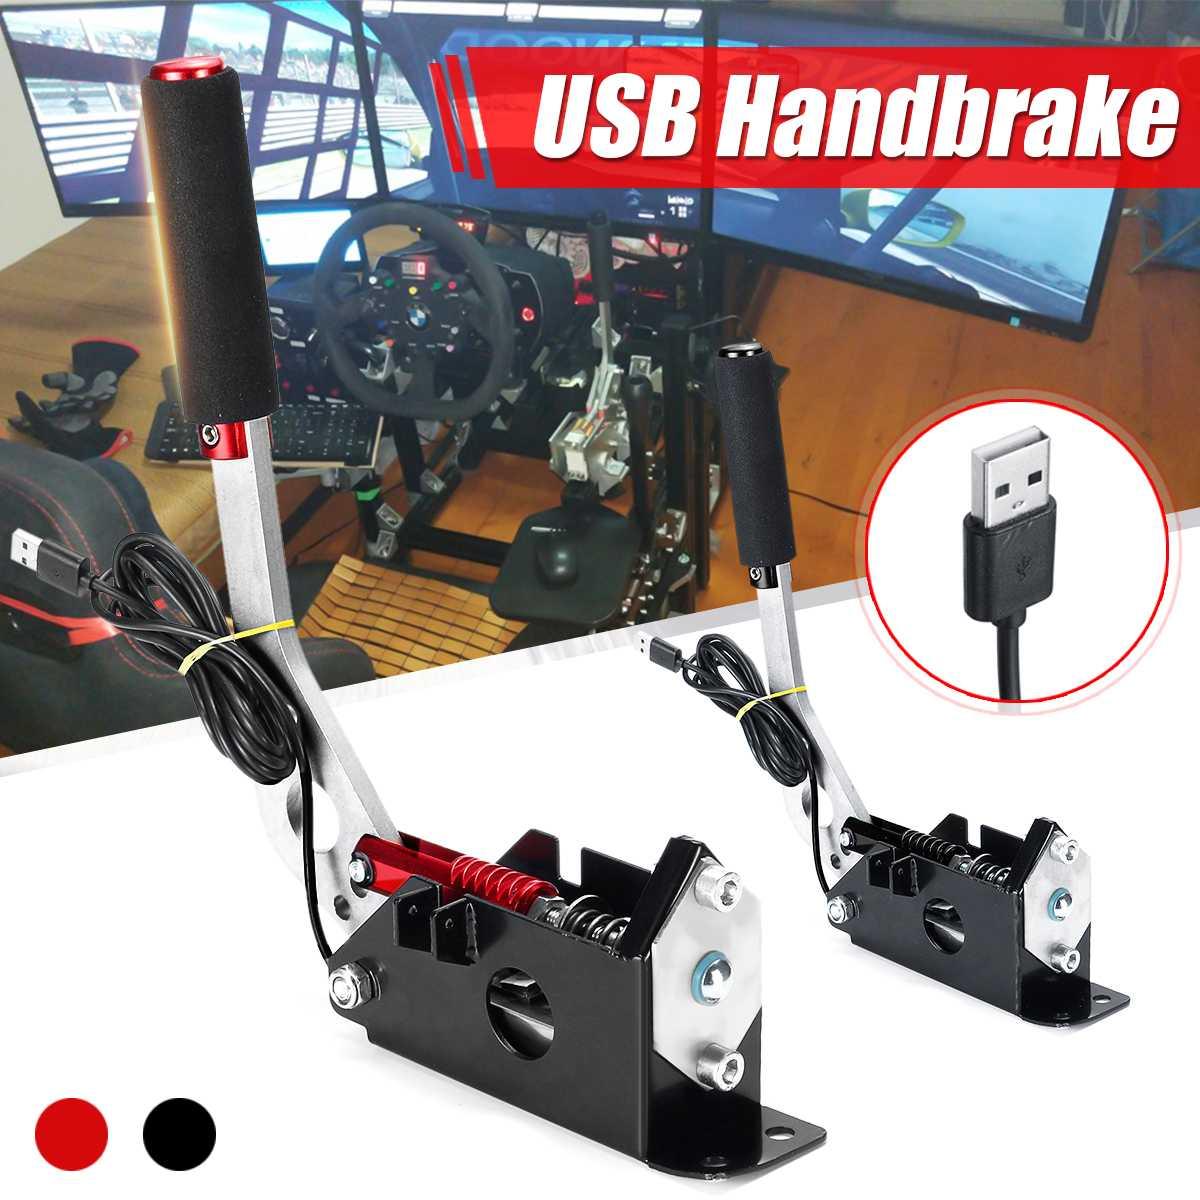 USB Handrem Klem PC Windows voor Sim Racing Game voor Logitech G25 G27 G29 T500 T300 FANATECOSW voor LFS VUIL RALLY